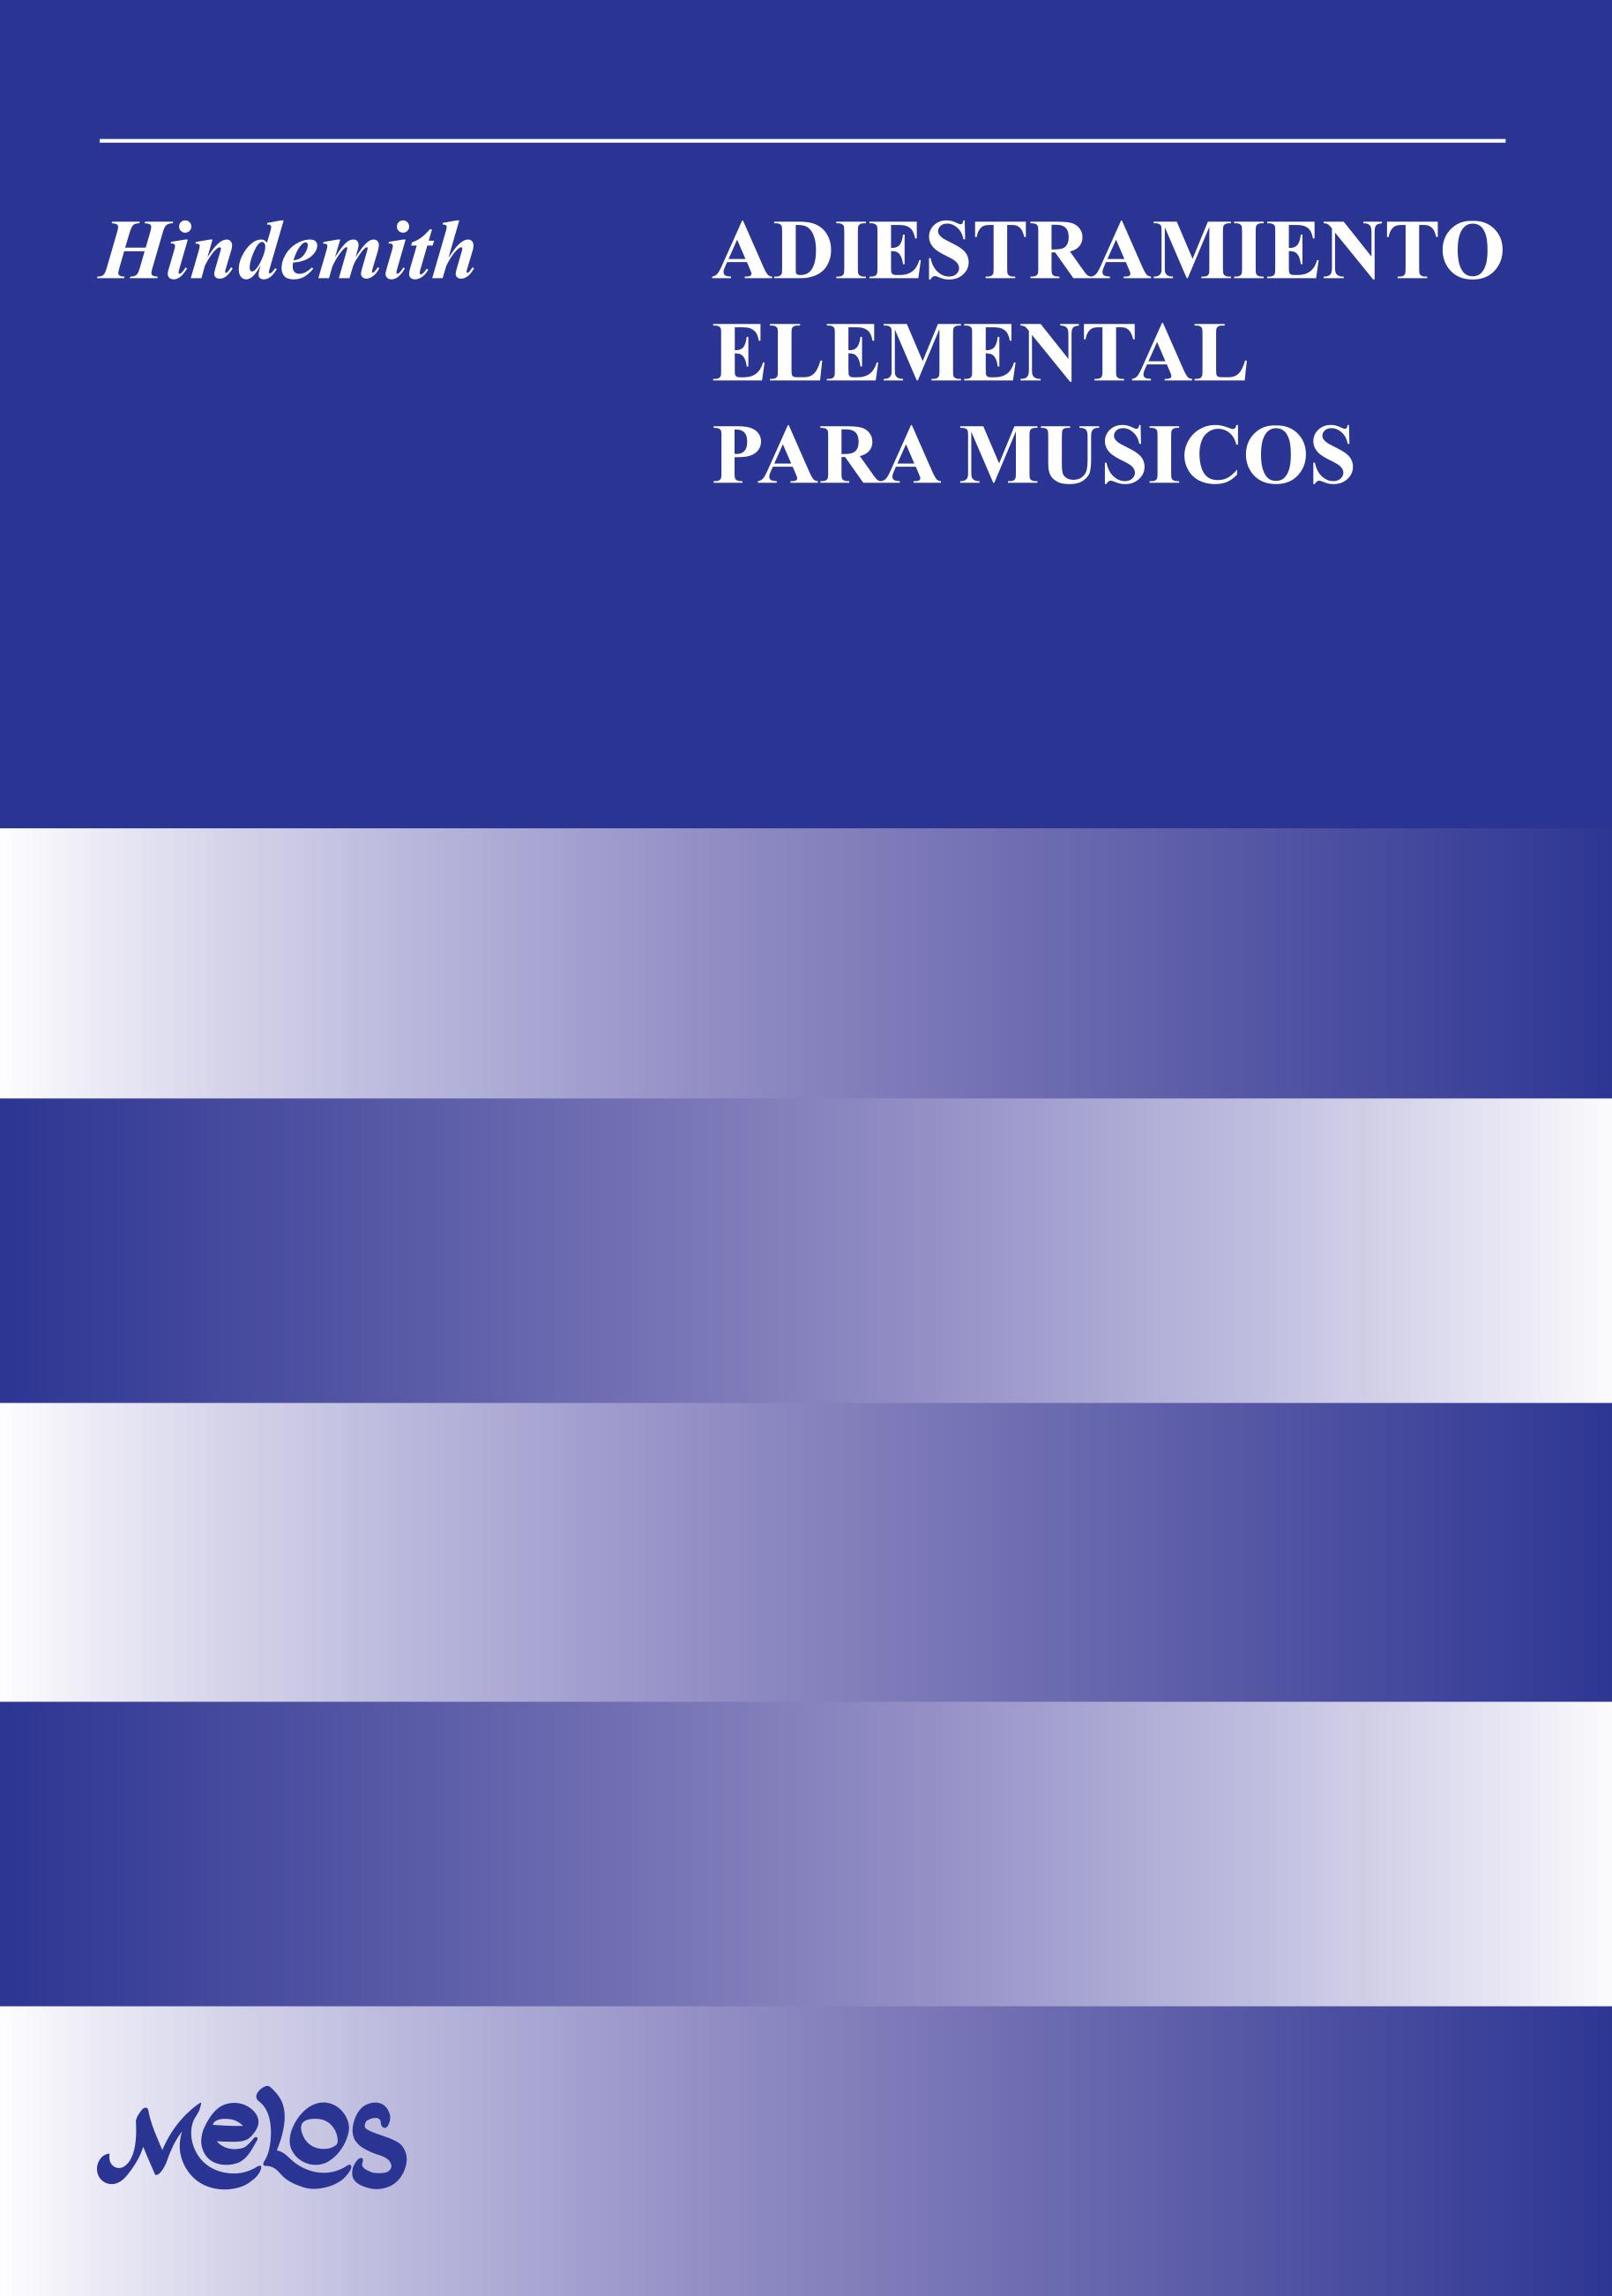 BA11441 - Adiestramiento elemental para músicos (Nuevo)